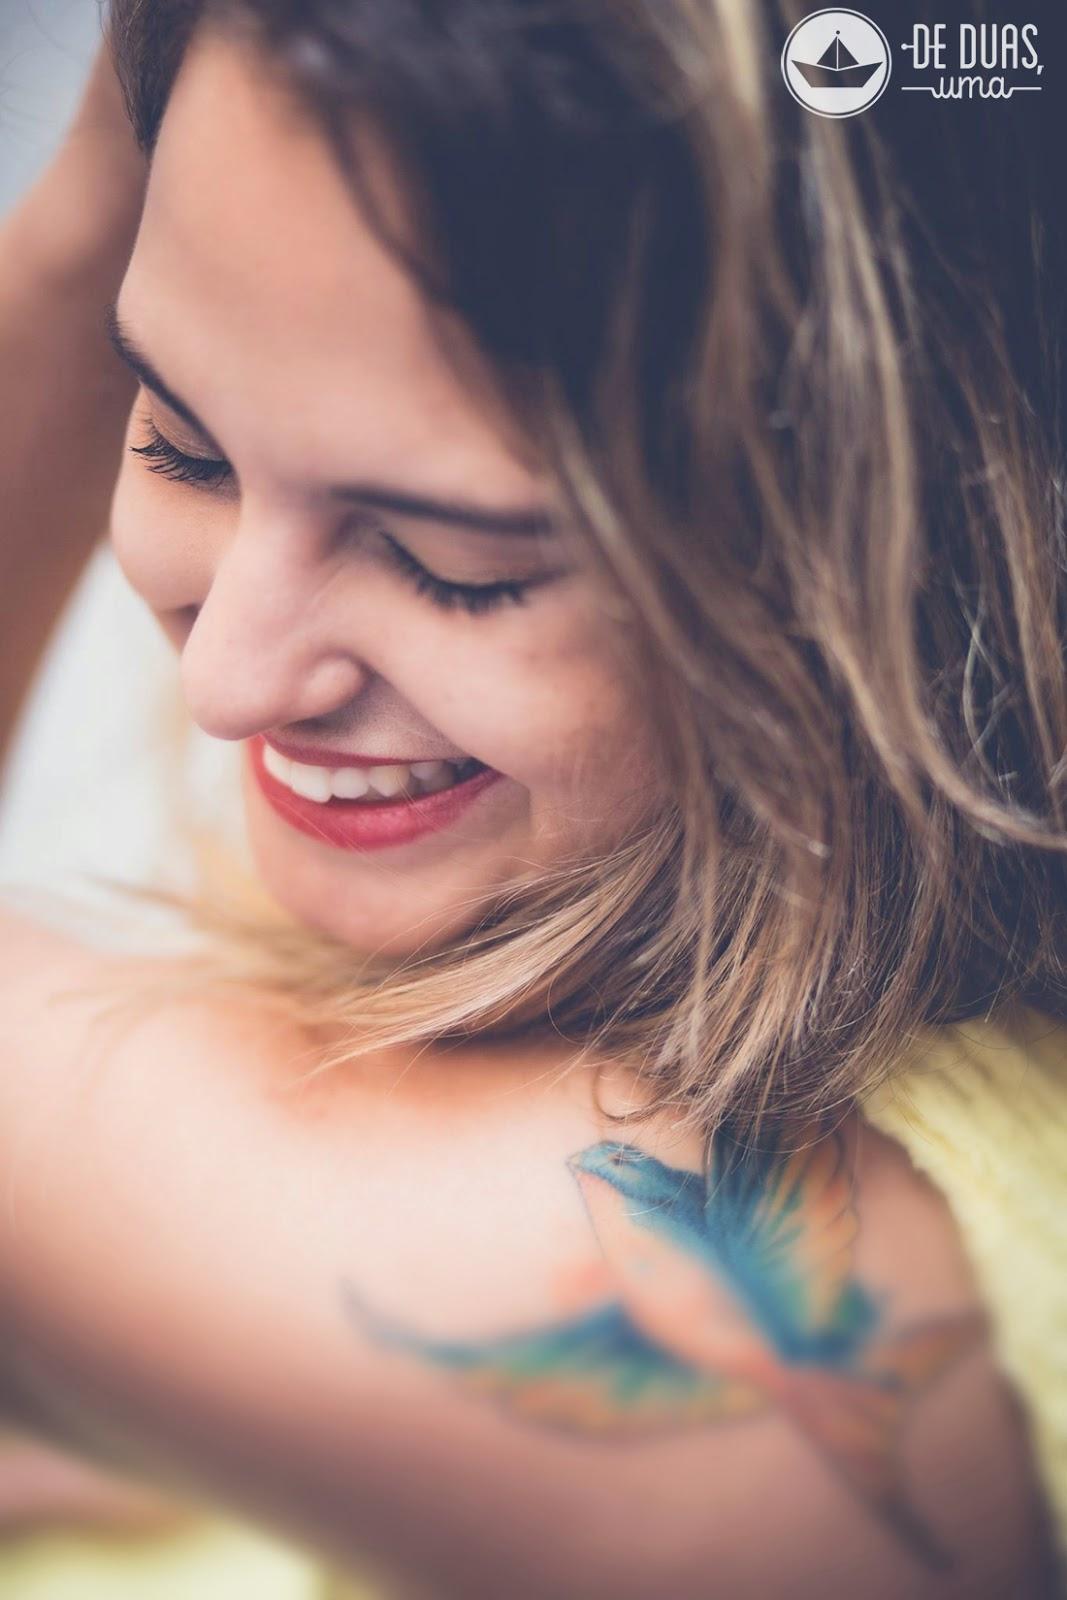 tattoo aquarela adorinha de duas uma